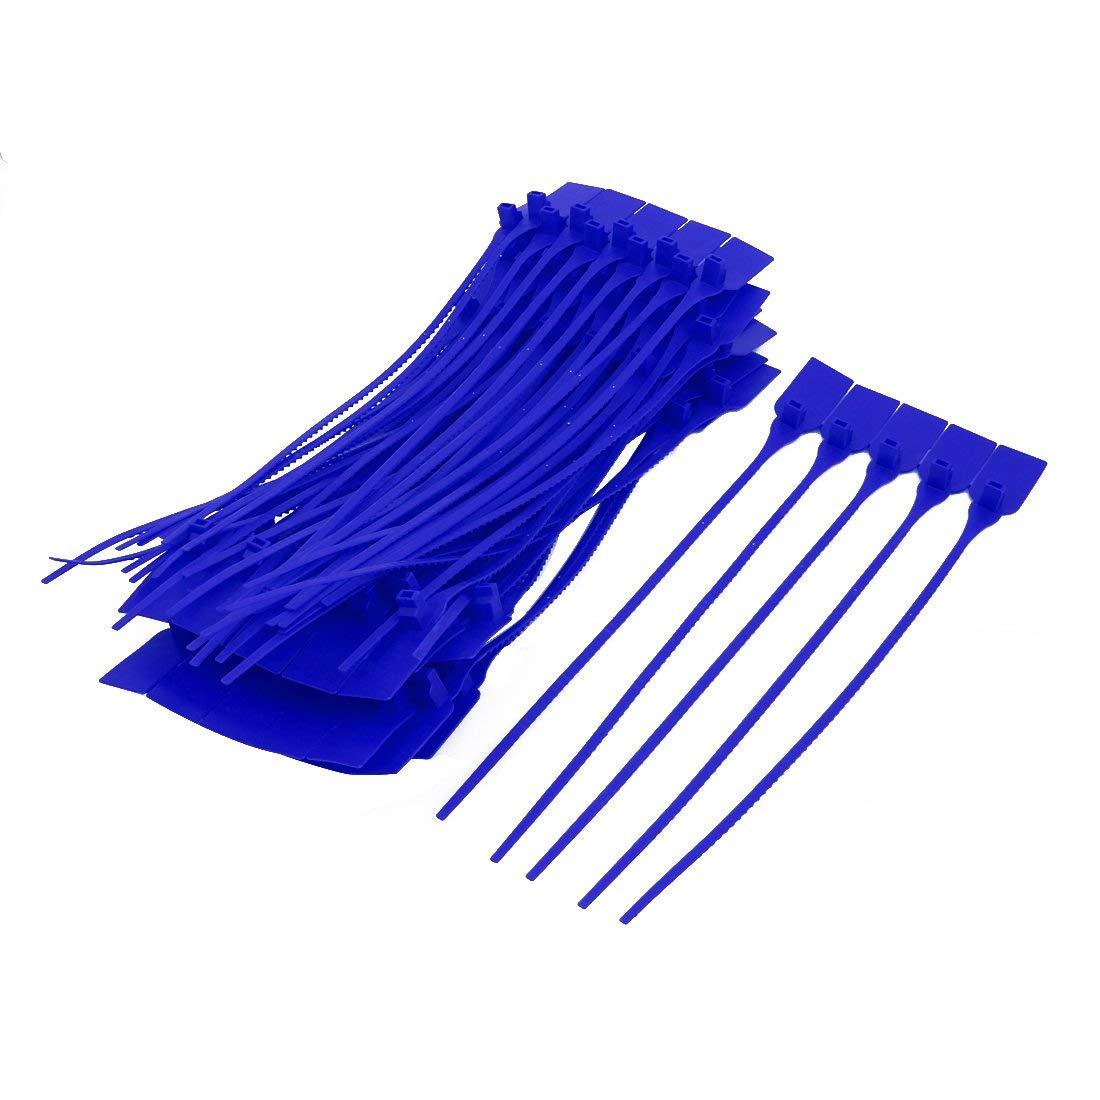 100 piezas Sujetacables de nailon cinchos autobloqueantes azul de ...